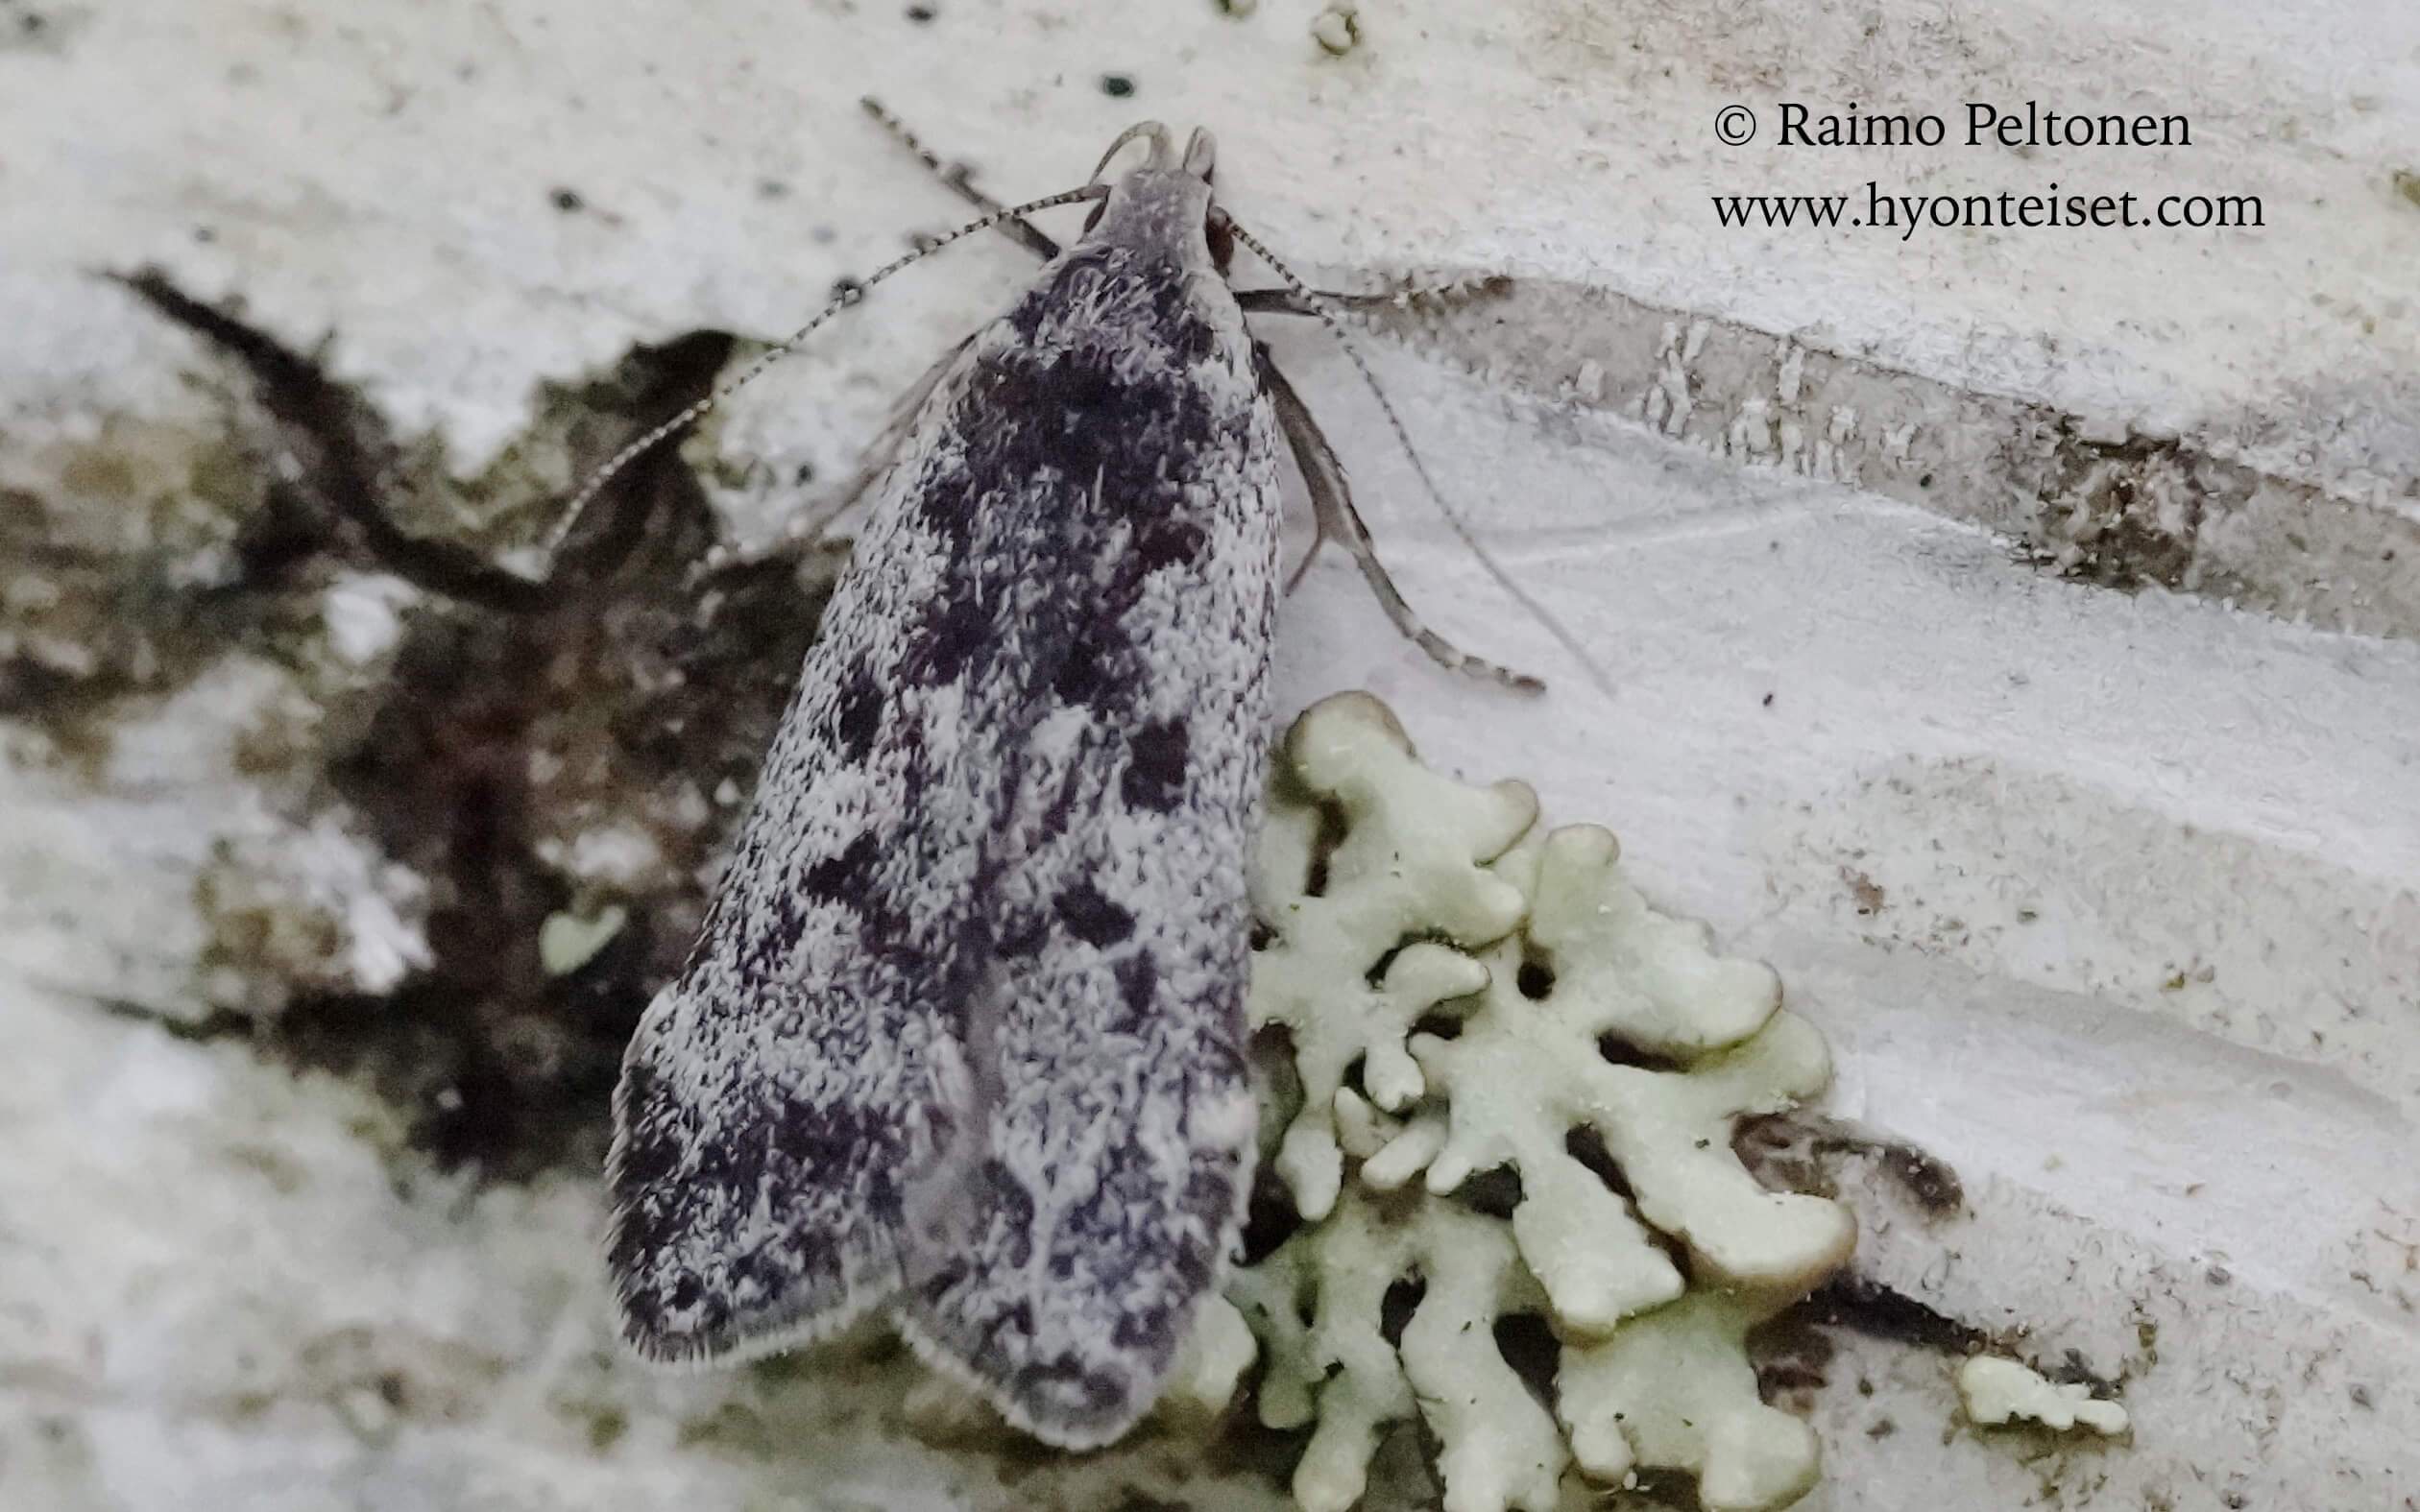 Anacampsis blattariella-koivuhiilikoi (det. Harri Jalava), 3.7.2016 Jyväskylä